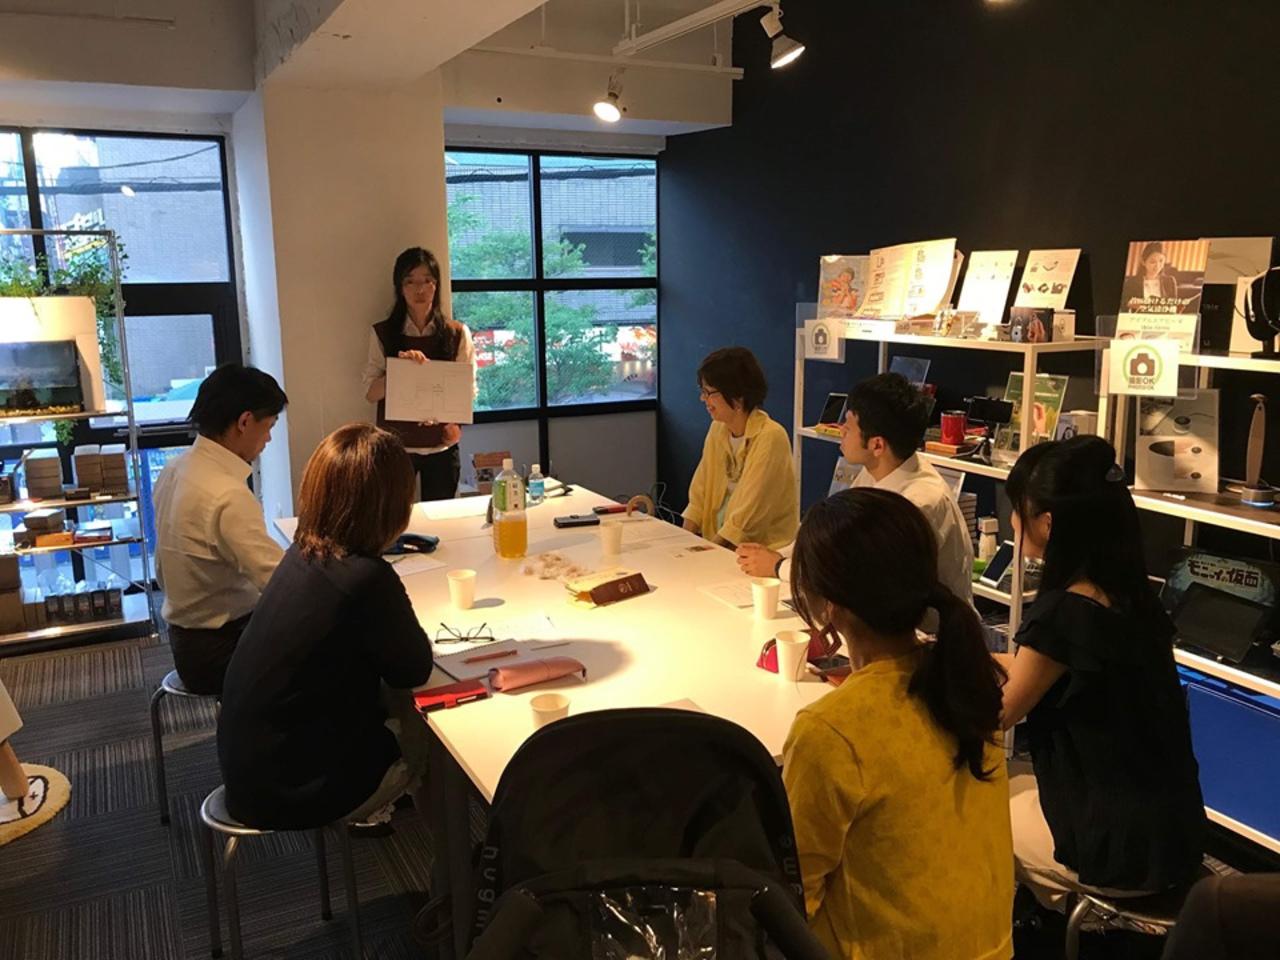 【大阪・本町】「文章を書く仕事」それは知識、個性、経験などを活かせる仕事です